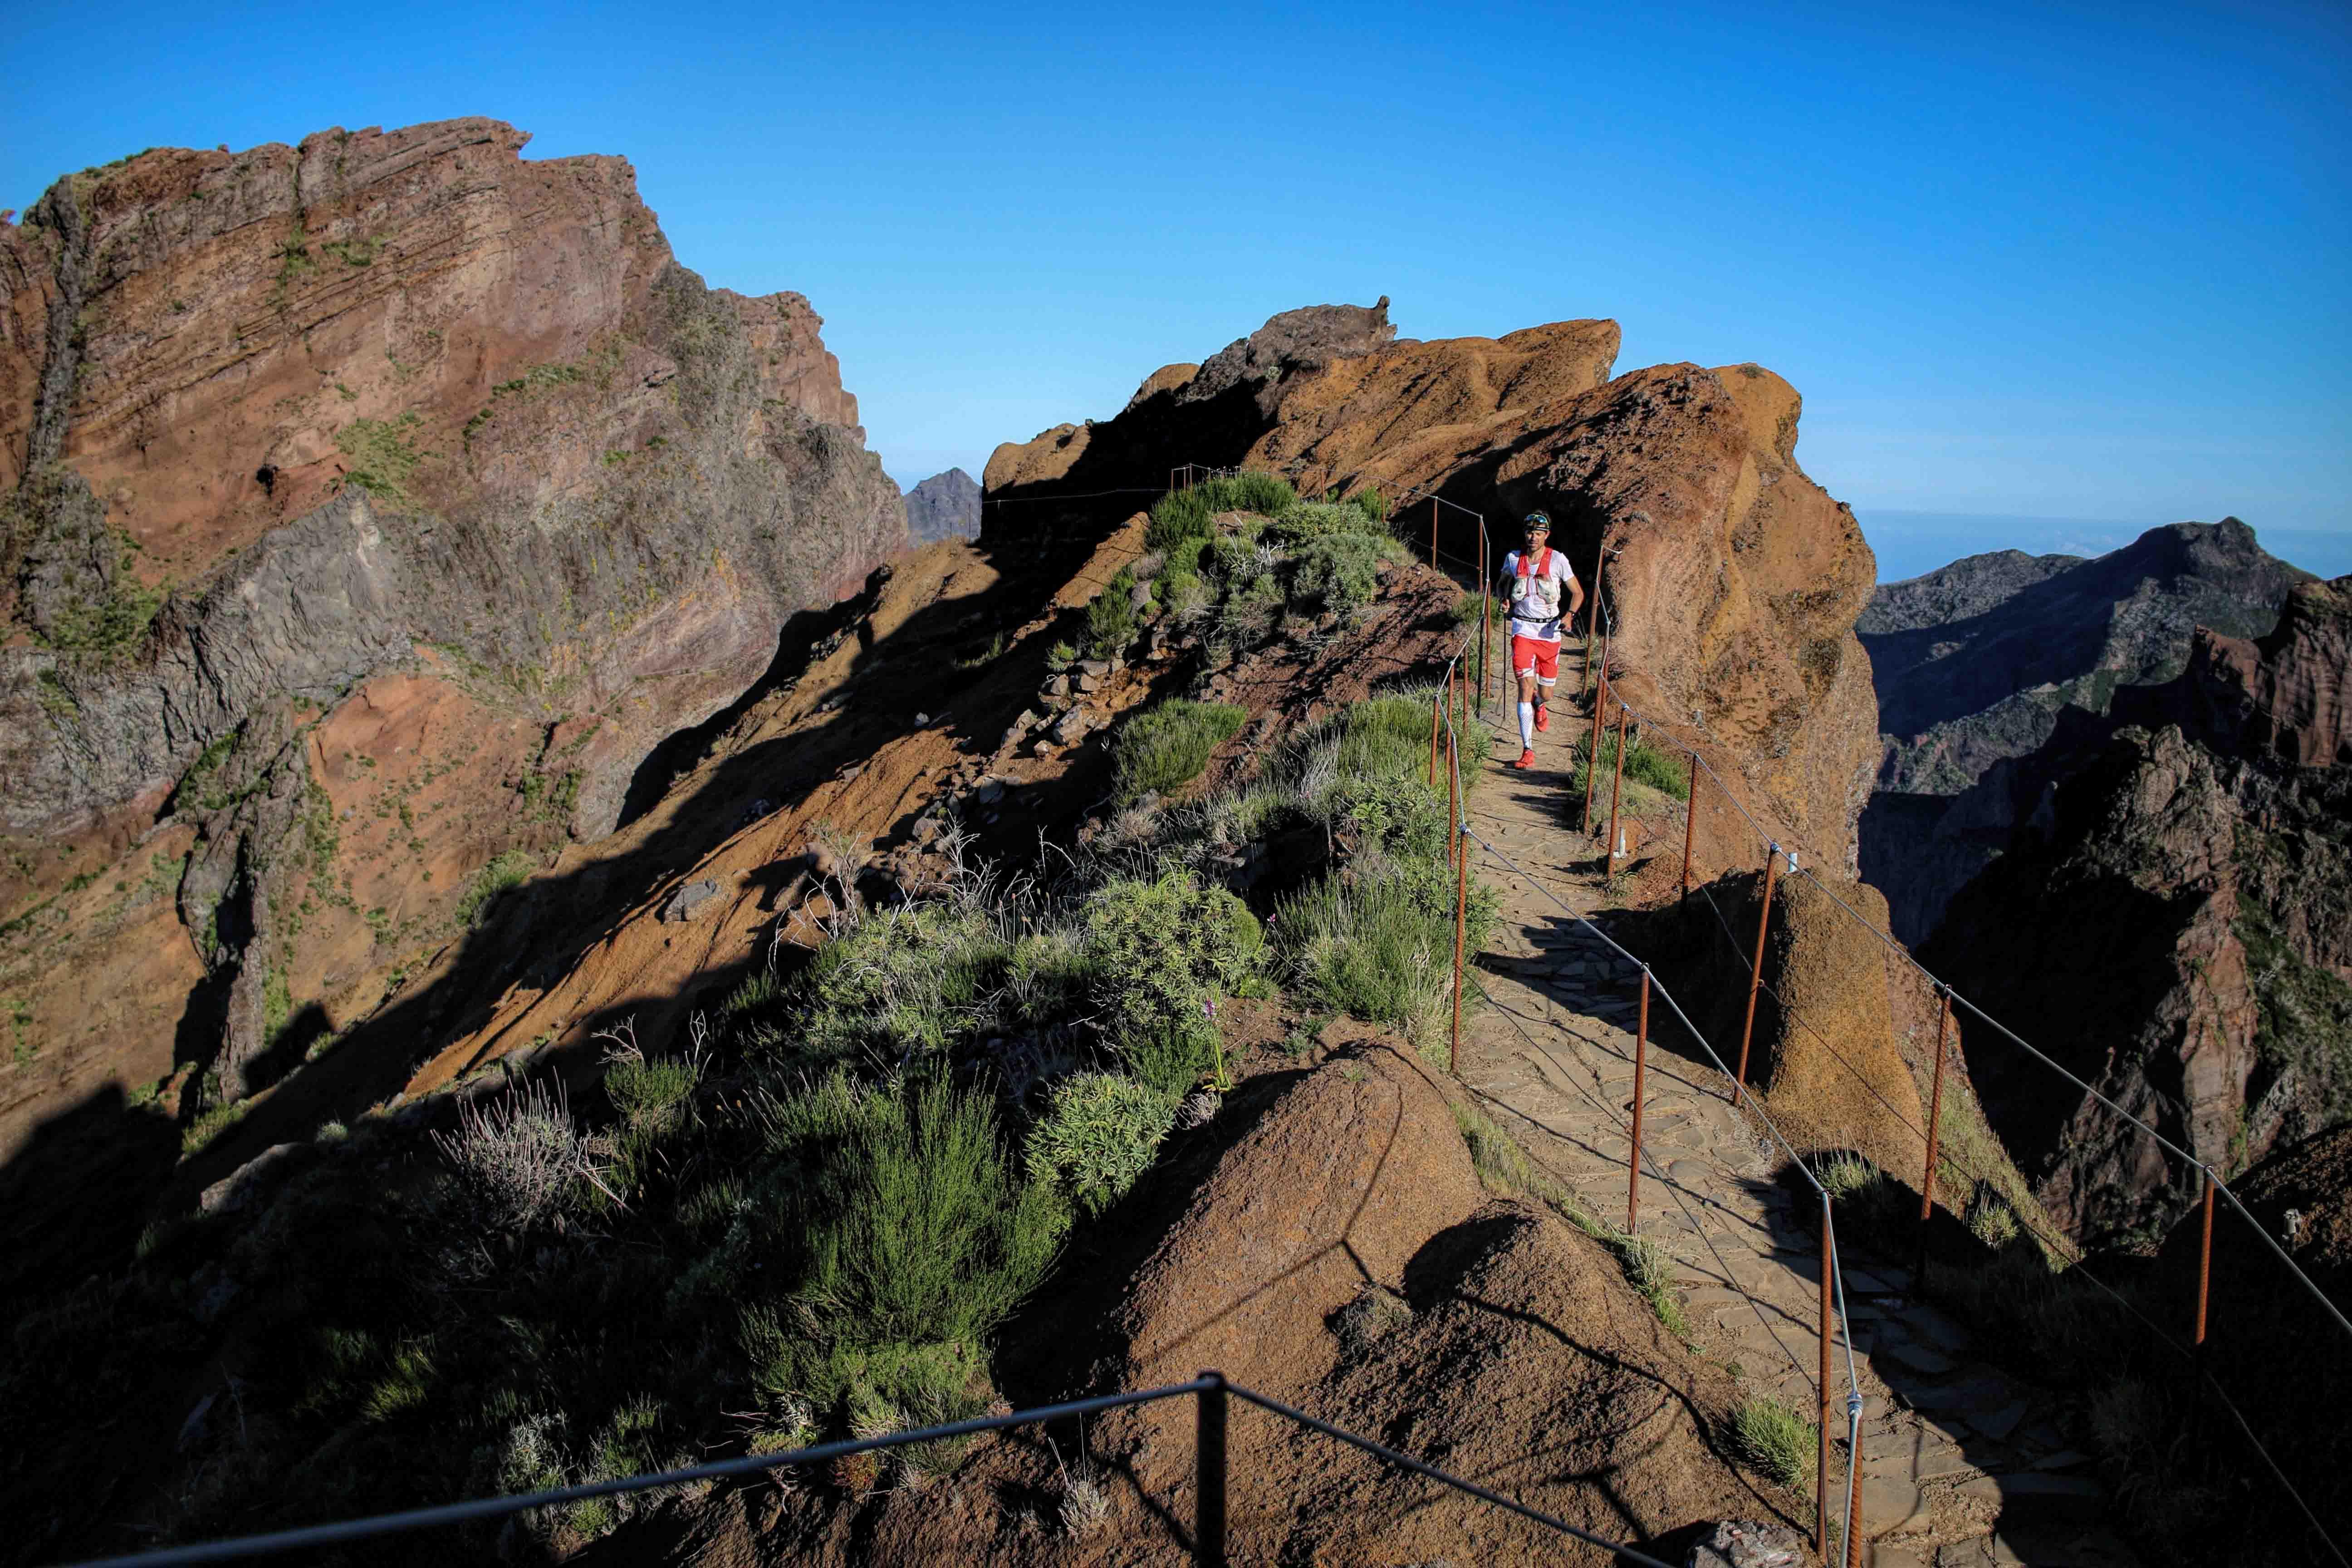 2 115 km Madeira Island Ultra trail François DHaene photo Philipp Reiter - RENTRÉE VICTORIEUSE POUR FRANCOIS D'HAENE ET MICHEL LANNE (article de Robert Goin)